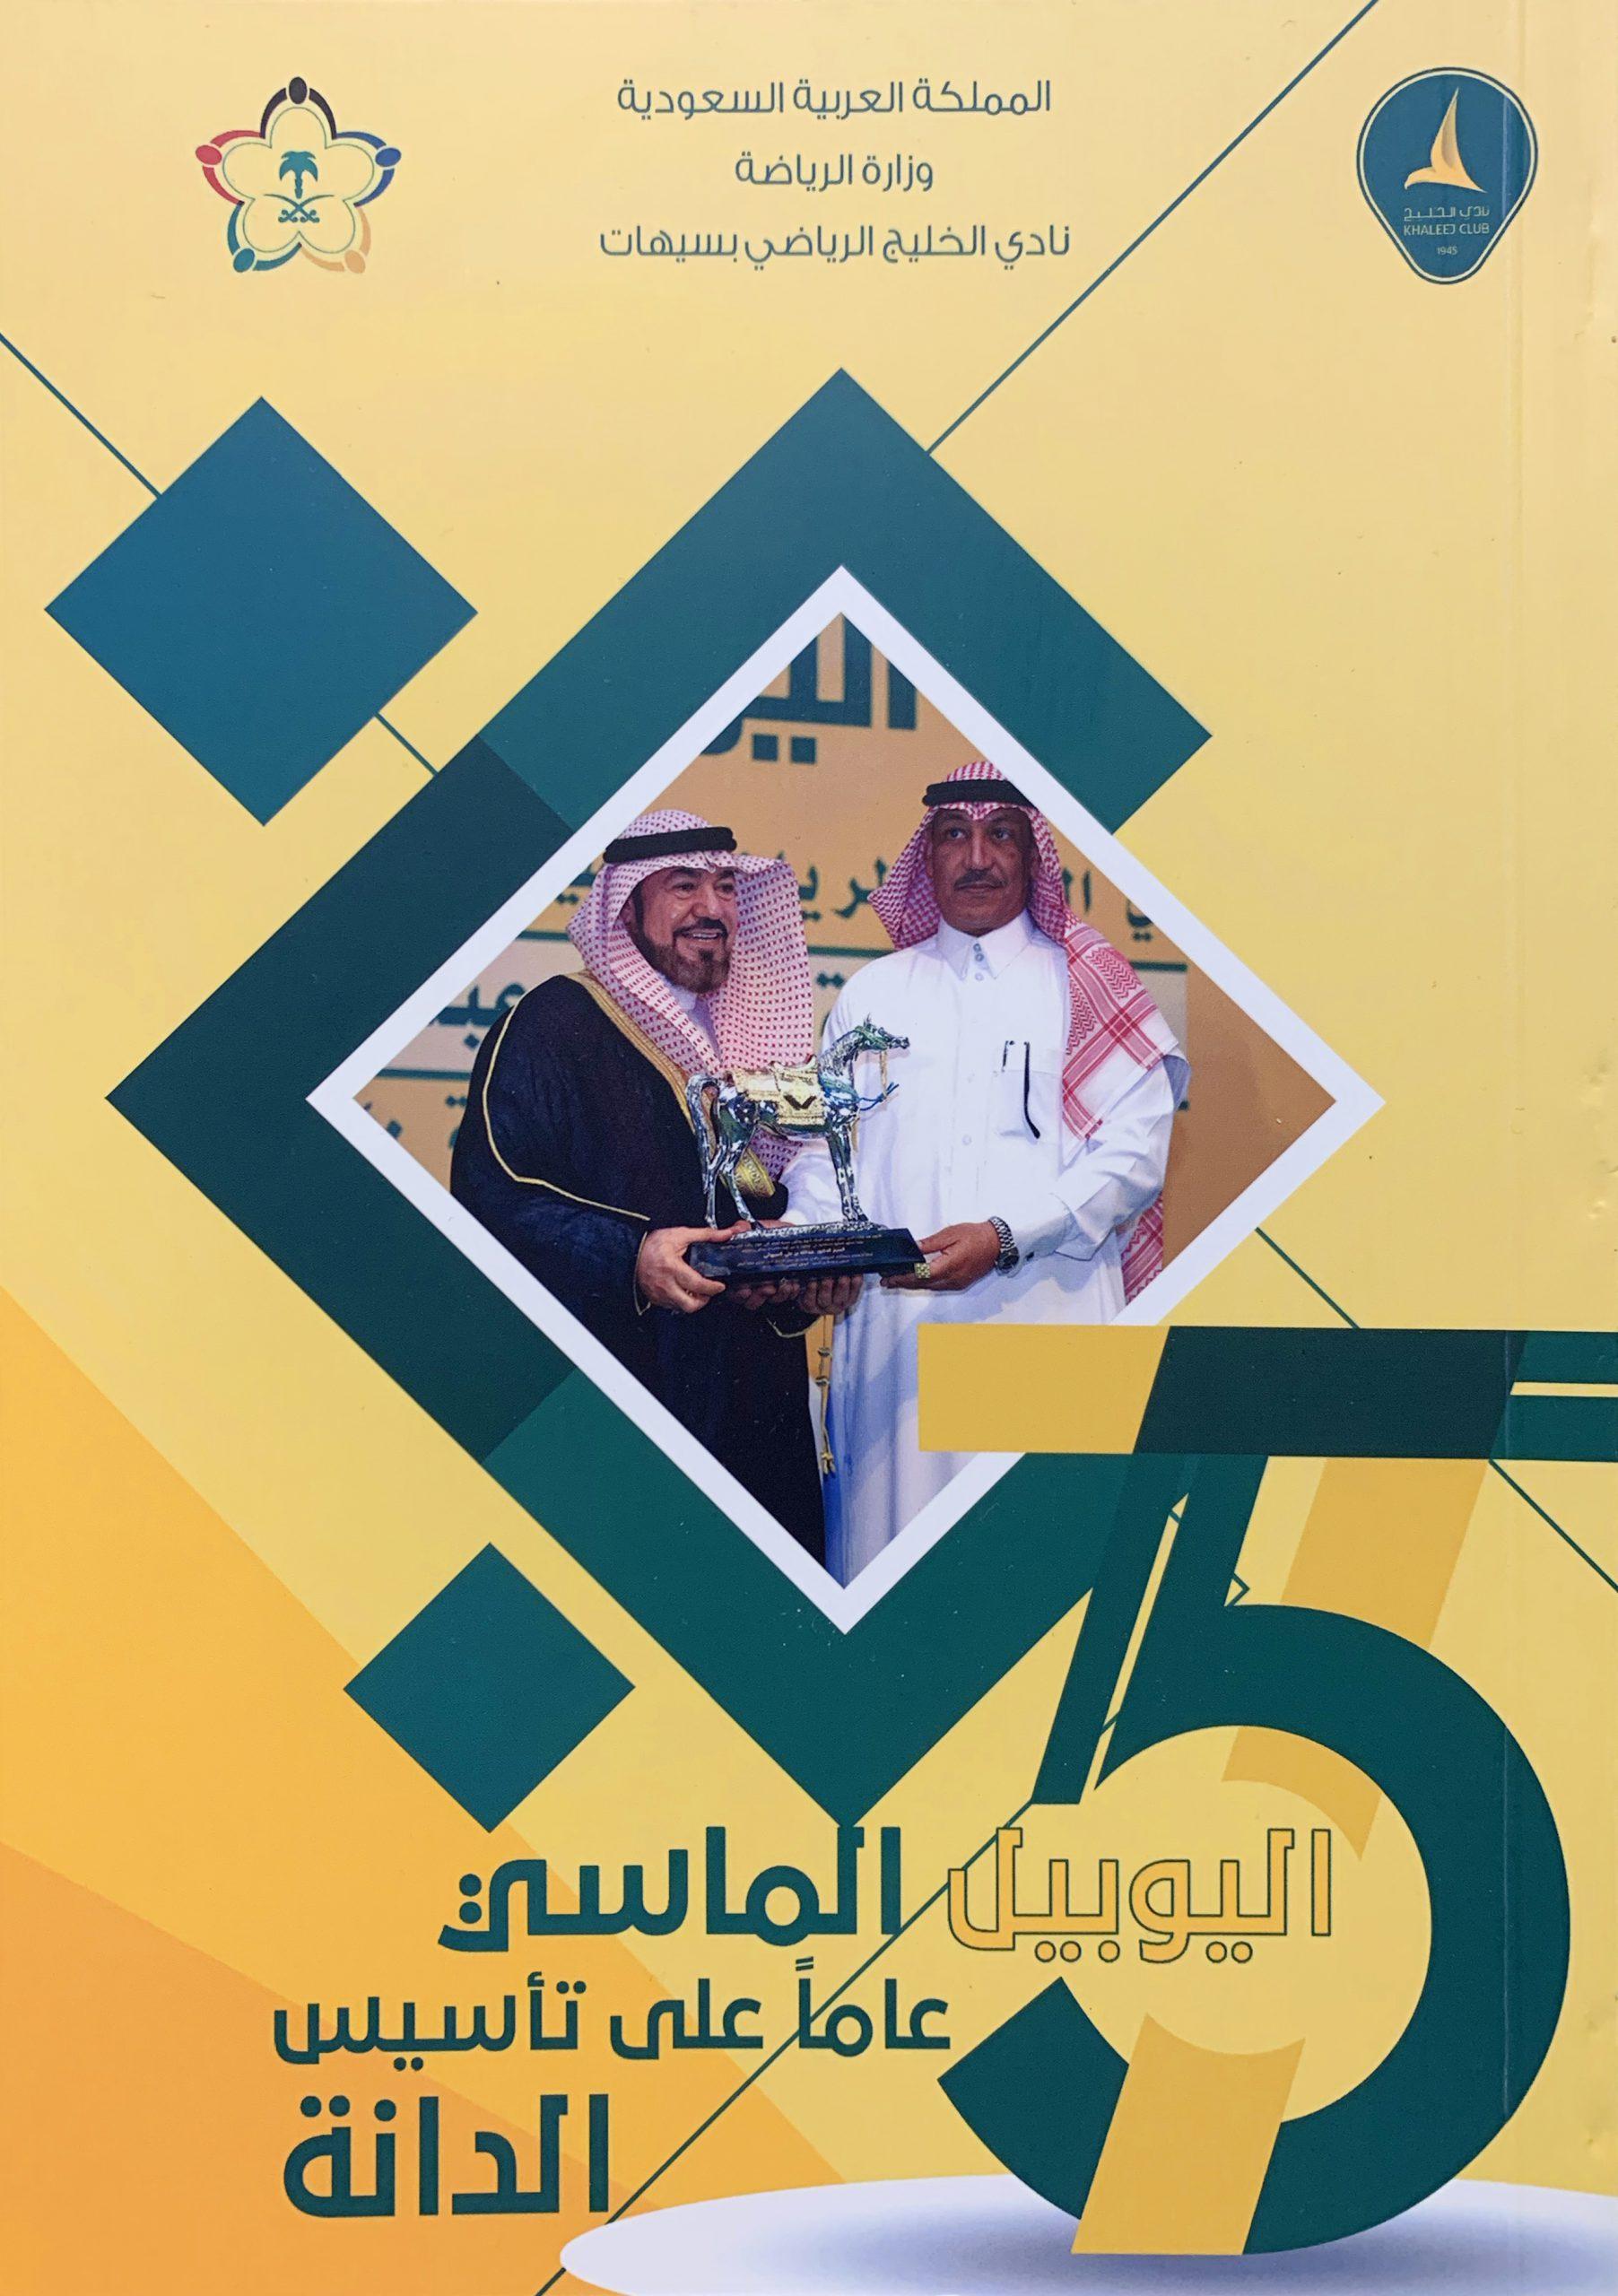 اللجنة المنظمة تصدر كتاب يوثق حفل رواد الخليج في يوبيله الماسي